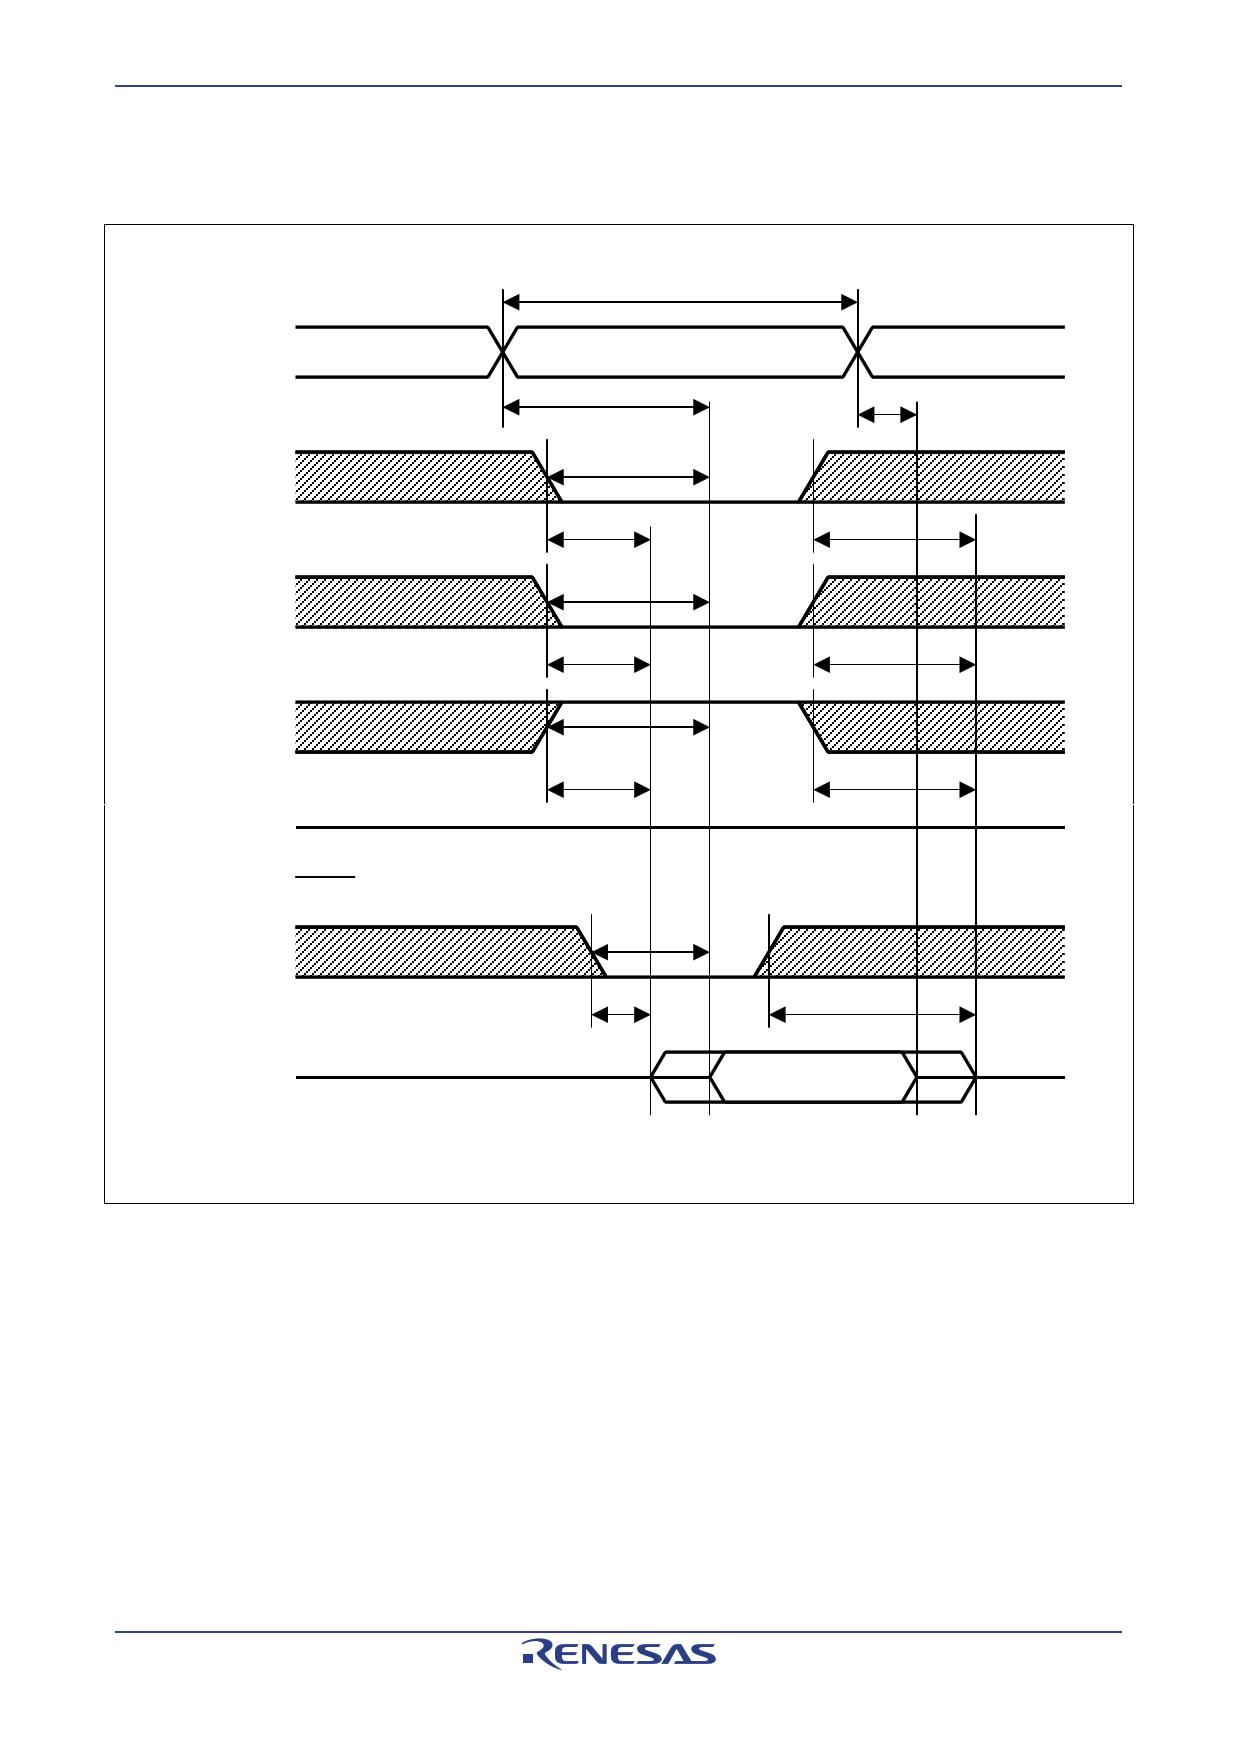 R1LV3216RSA-7S arduino